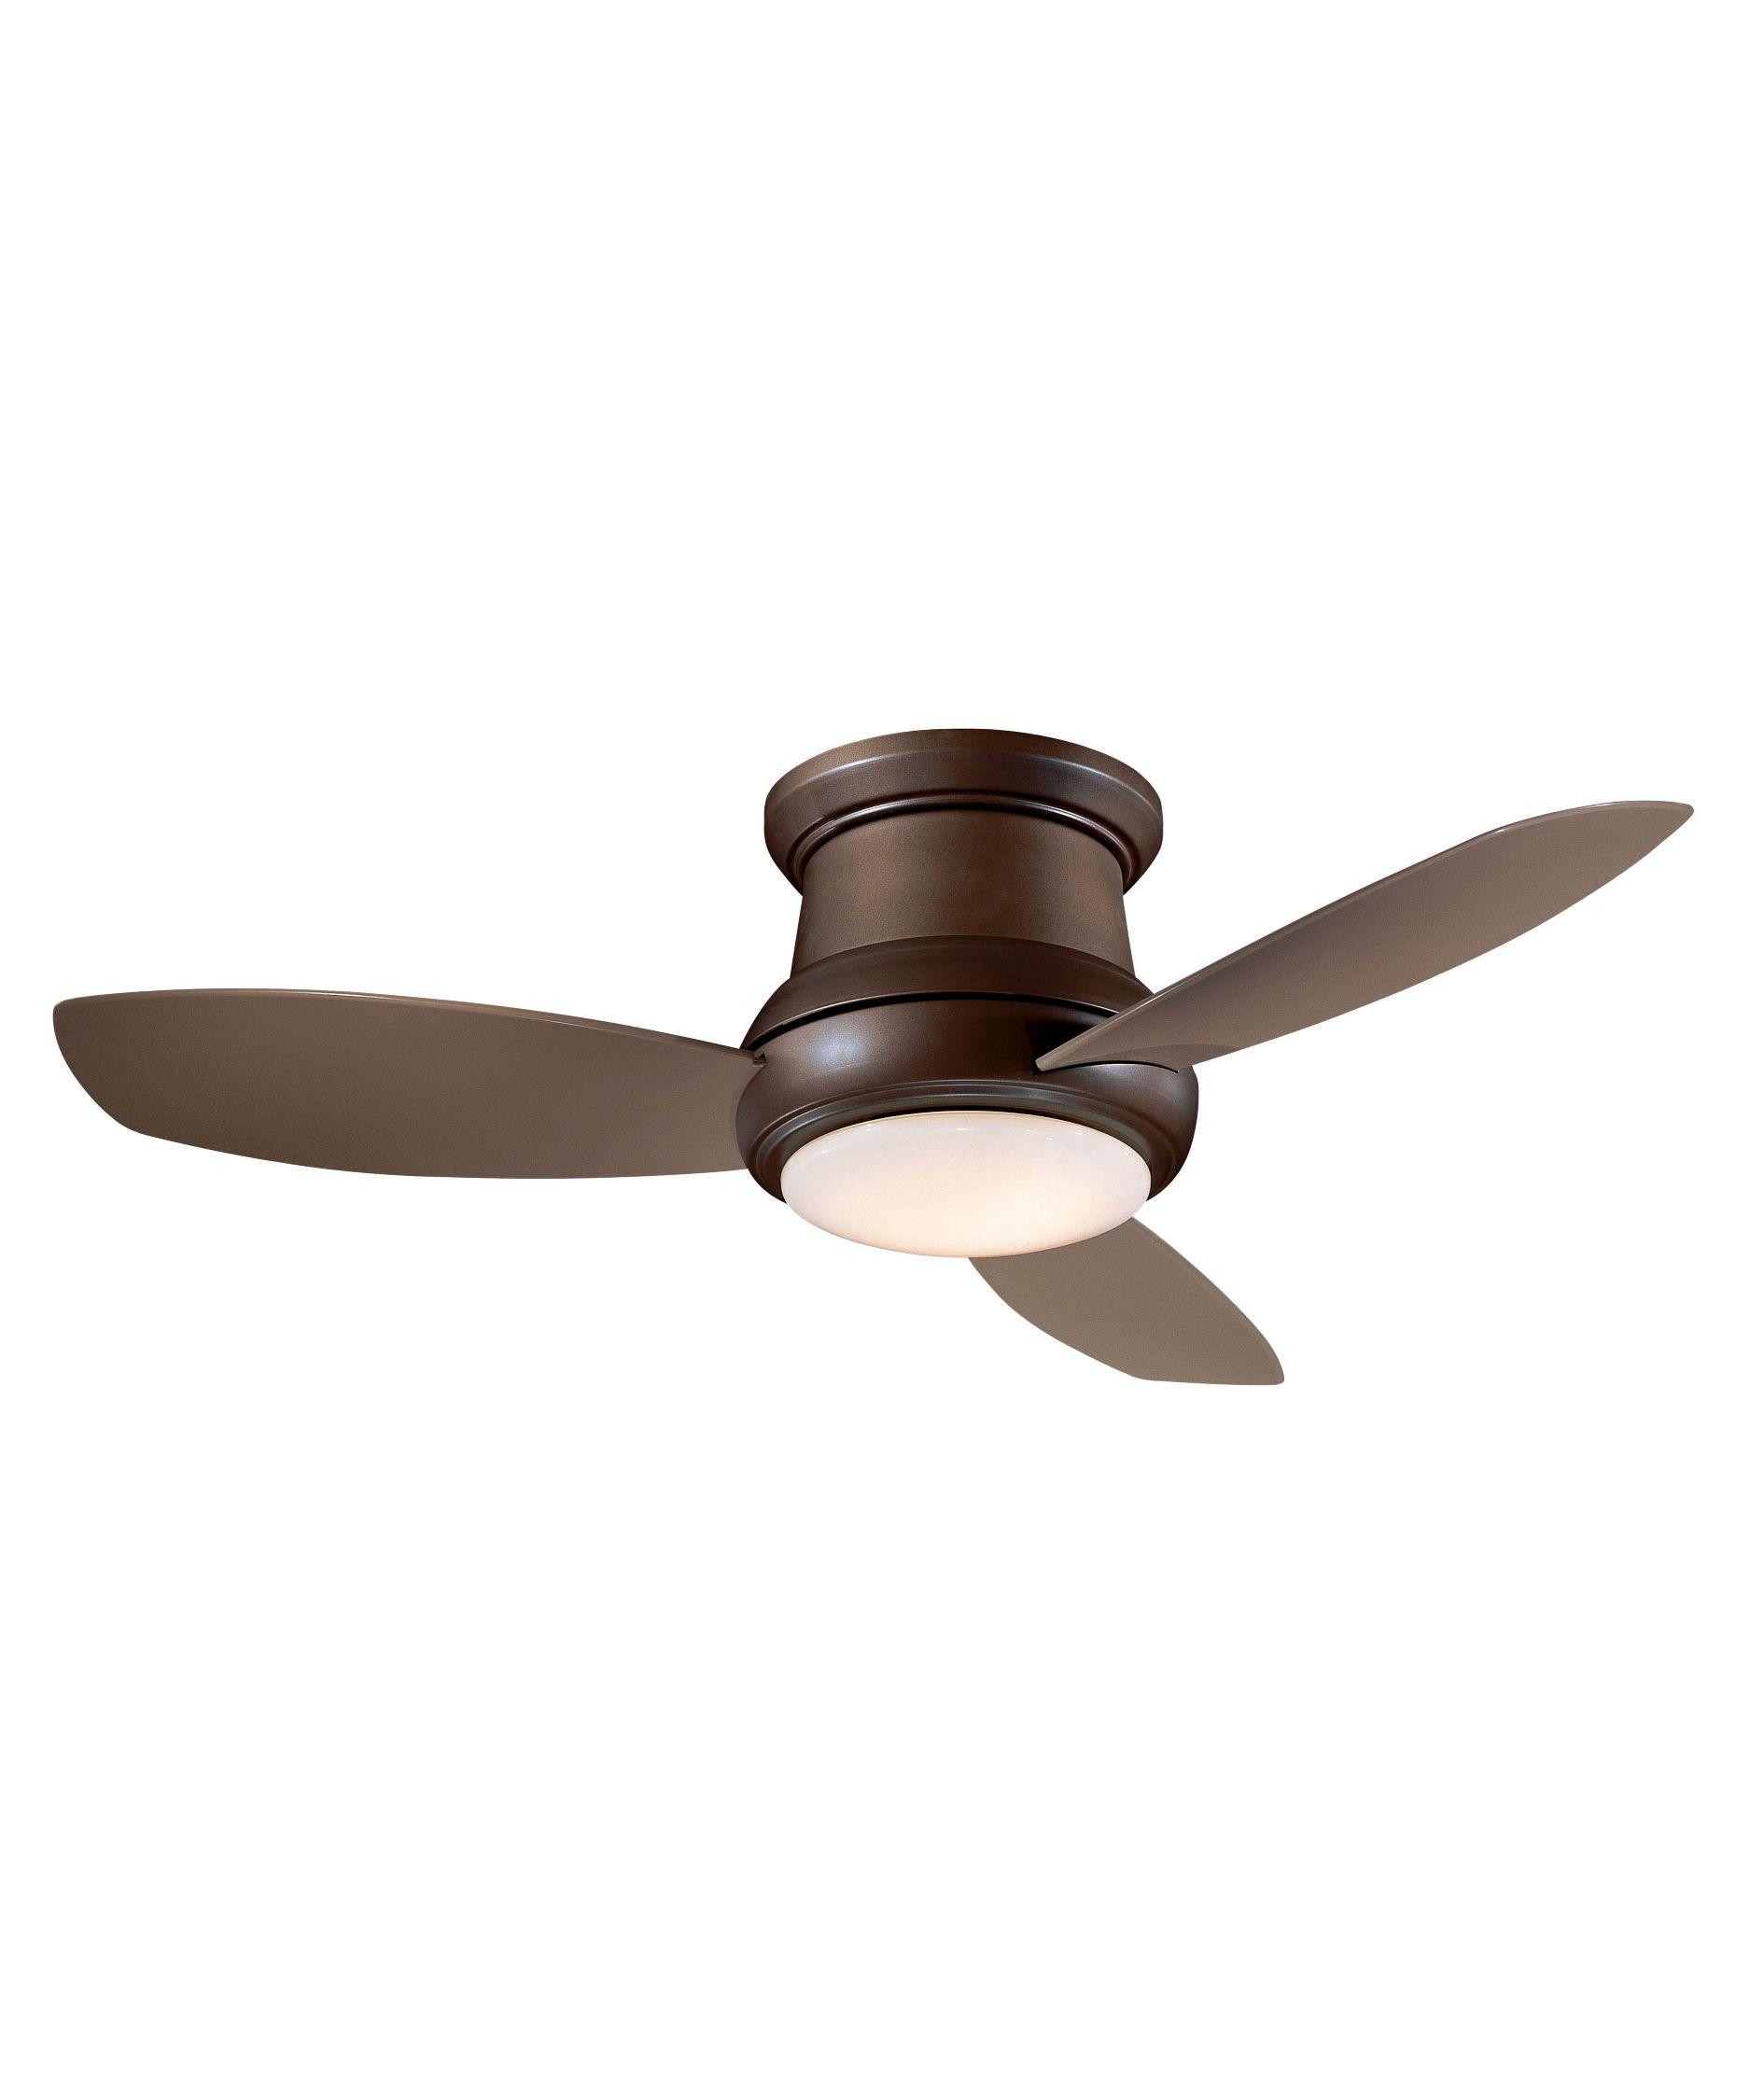 Flush Mounted Ceiling Fan With Light Google Search Flush Mount Ceiling Fan Ceiling Fan Bronze Ceiling Fan